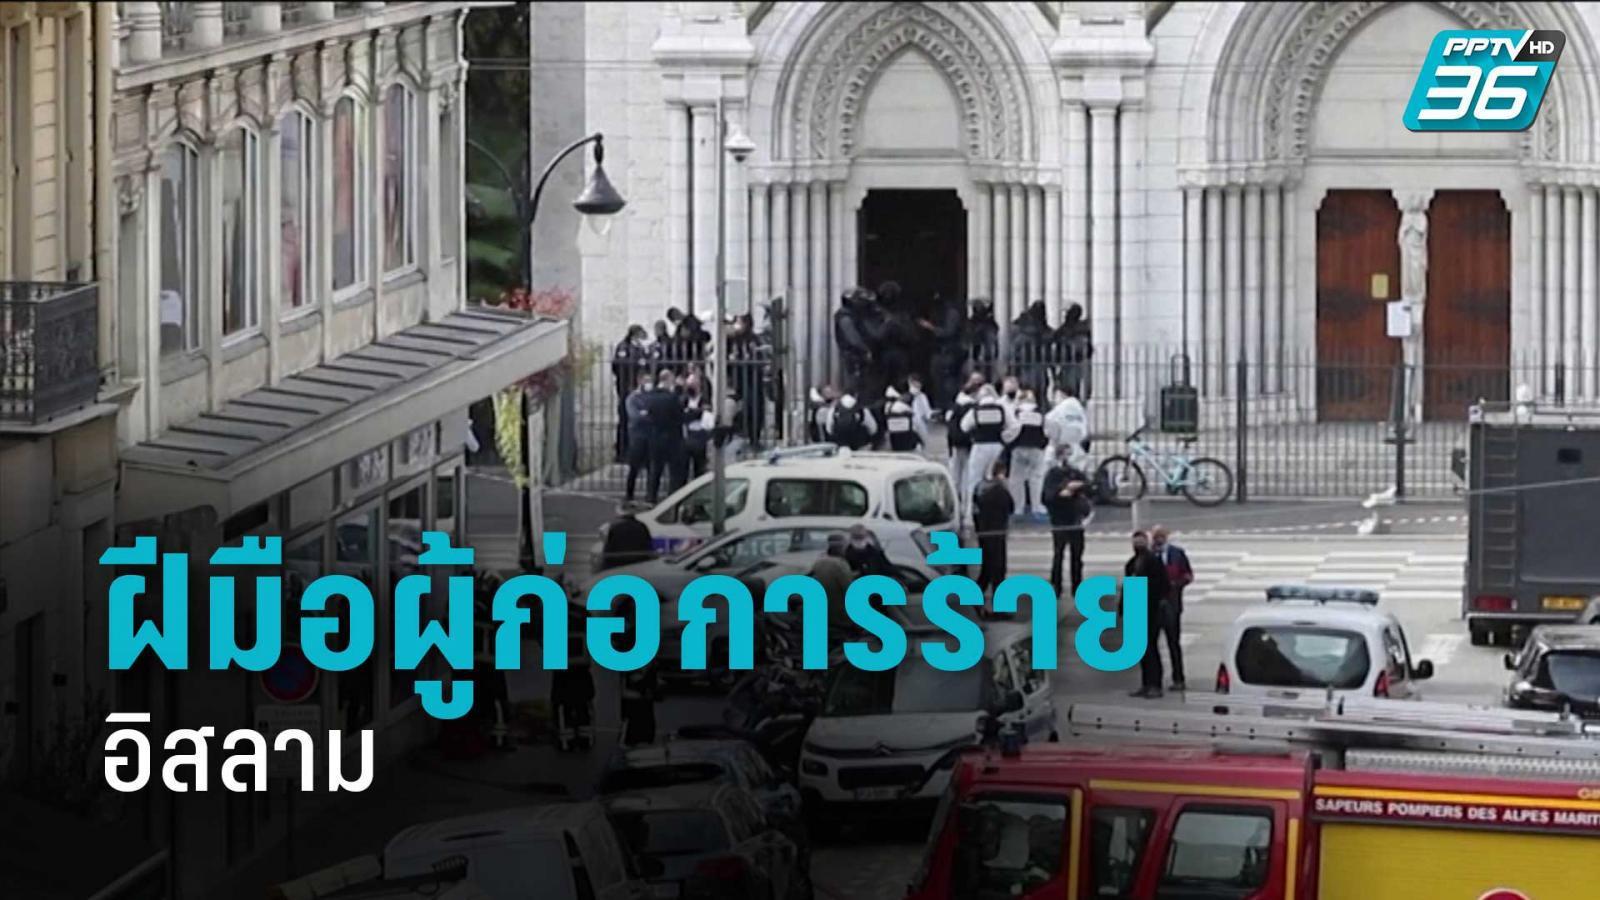 ฝรั่งเศส ลั่น เหตุสังหารที่นีซ ฝีมือผู้ก่อการร้ายอิสลาม